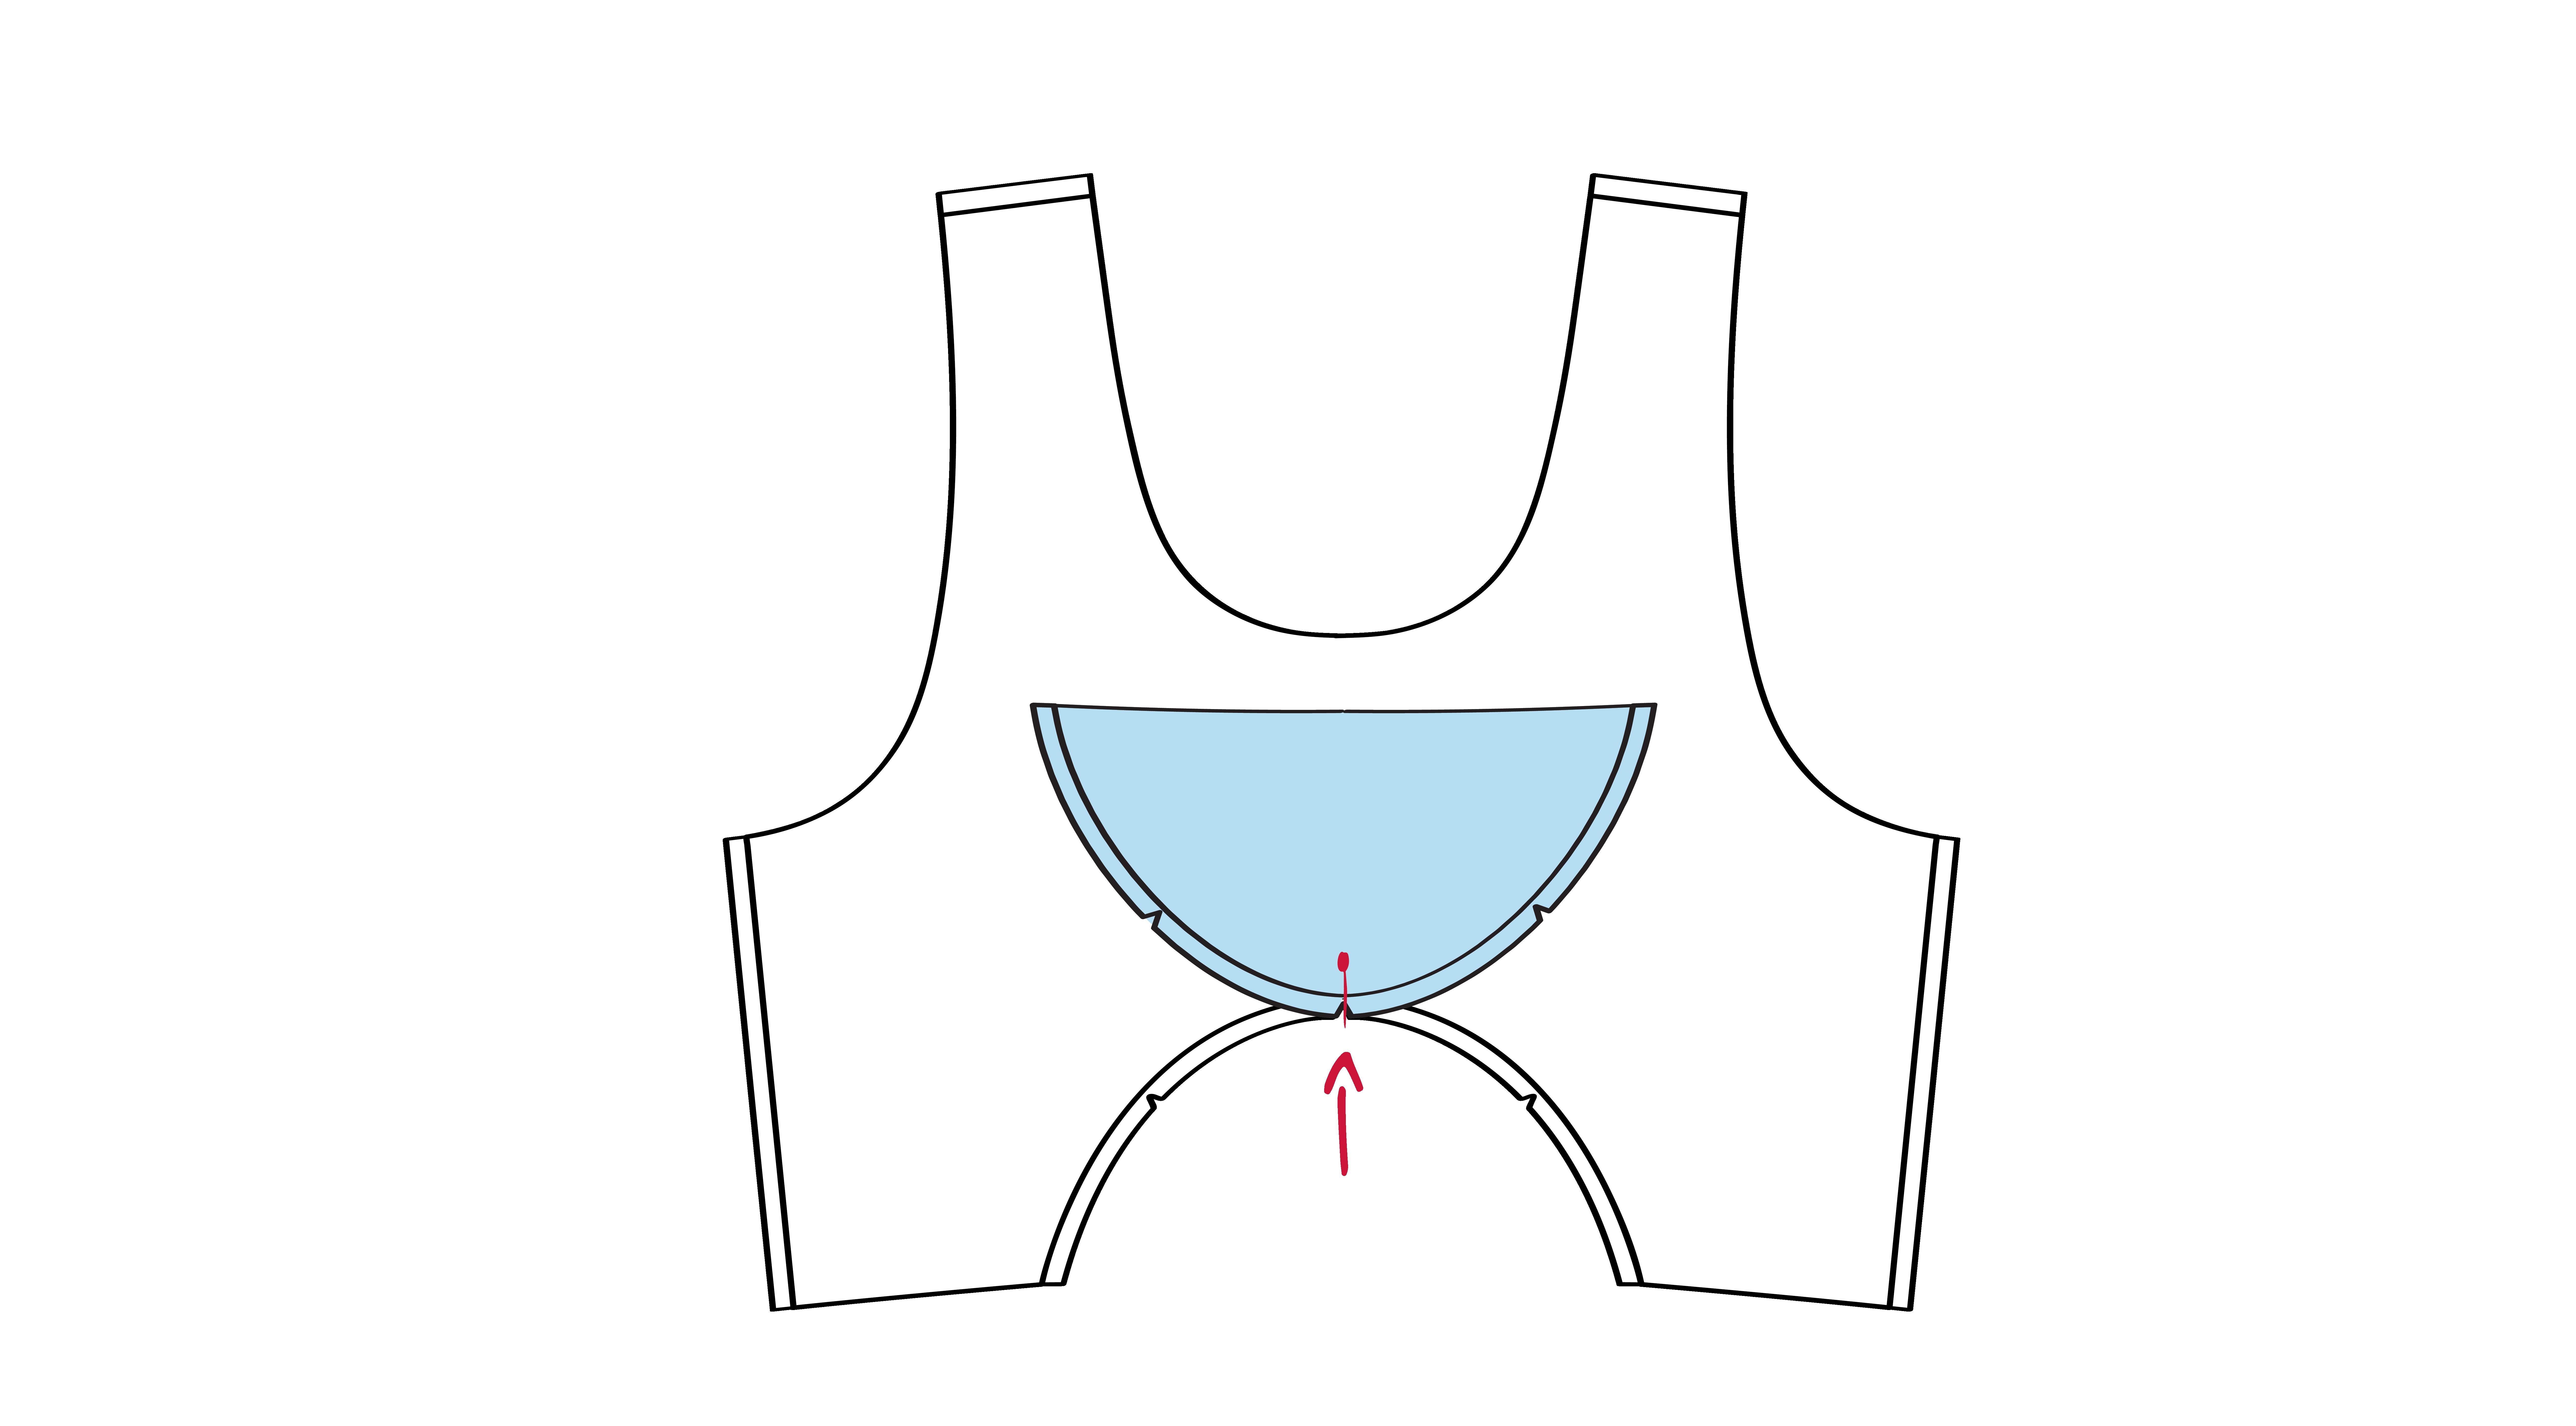 Die Schnittmarkierungen von Vorderteil und Einsatz werden zuerst in der Mitte fixiert